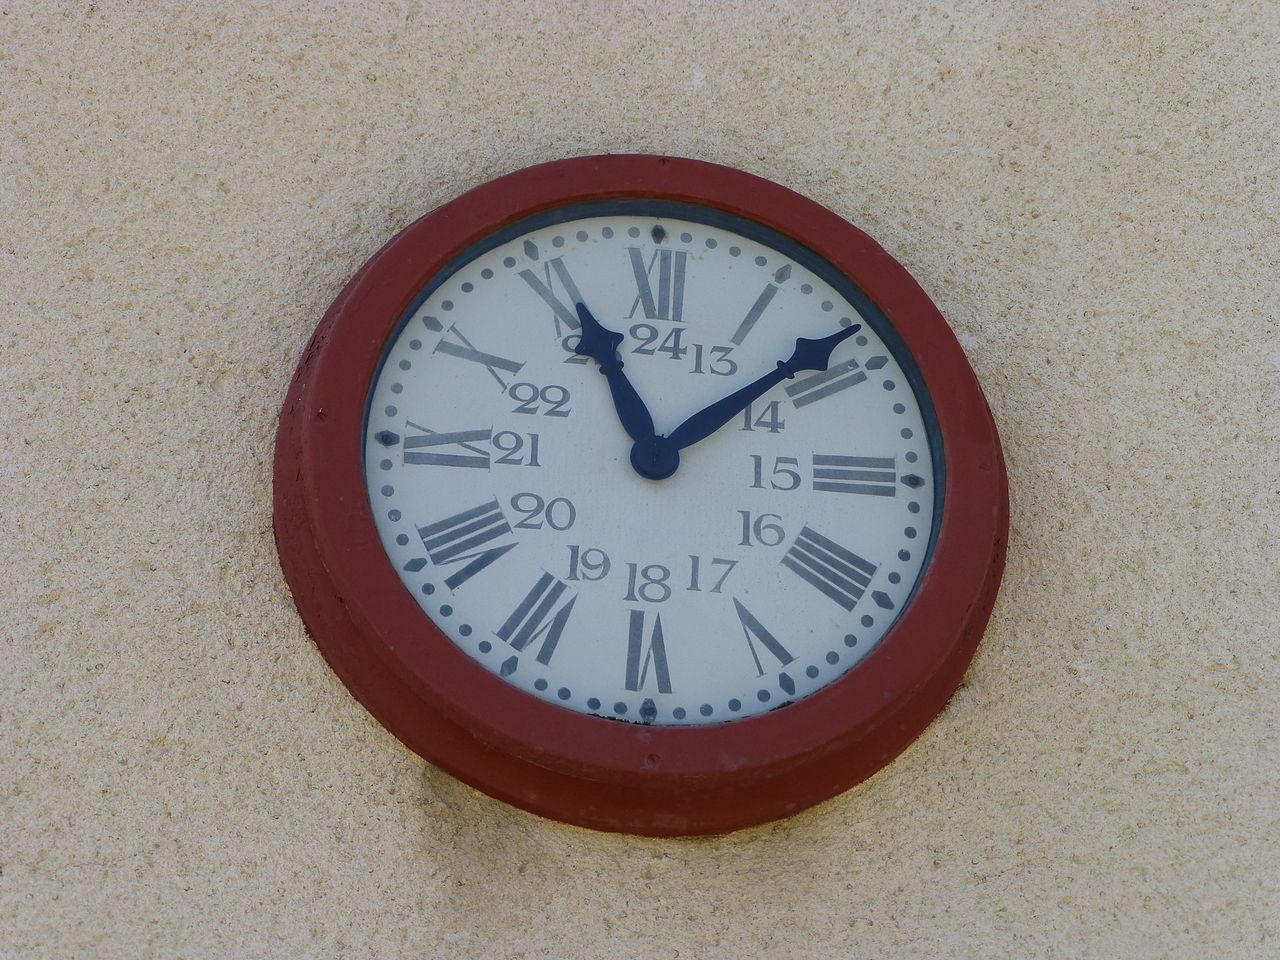 fichier ancienne horloge de la gare de sabres dans les landes  en position d u0026 39 origine sur la